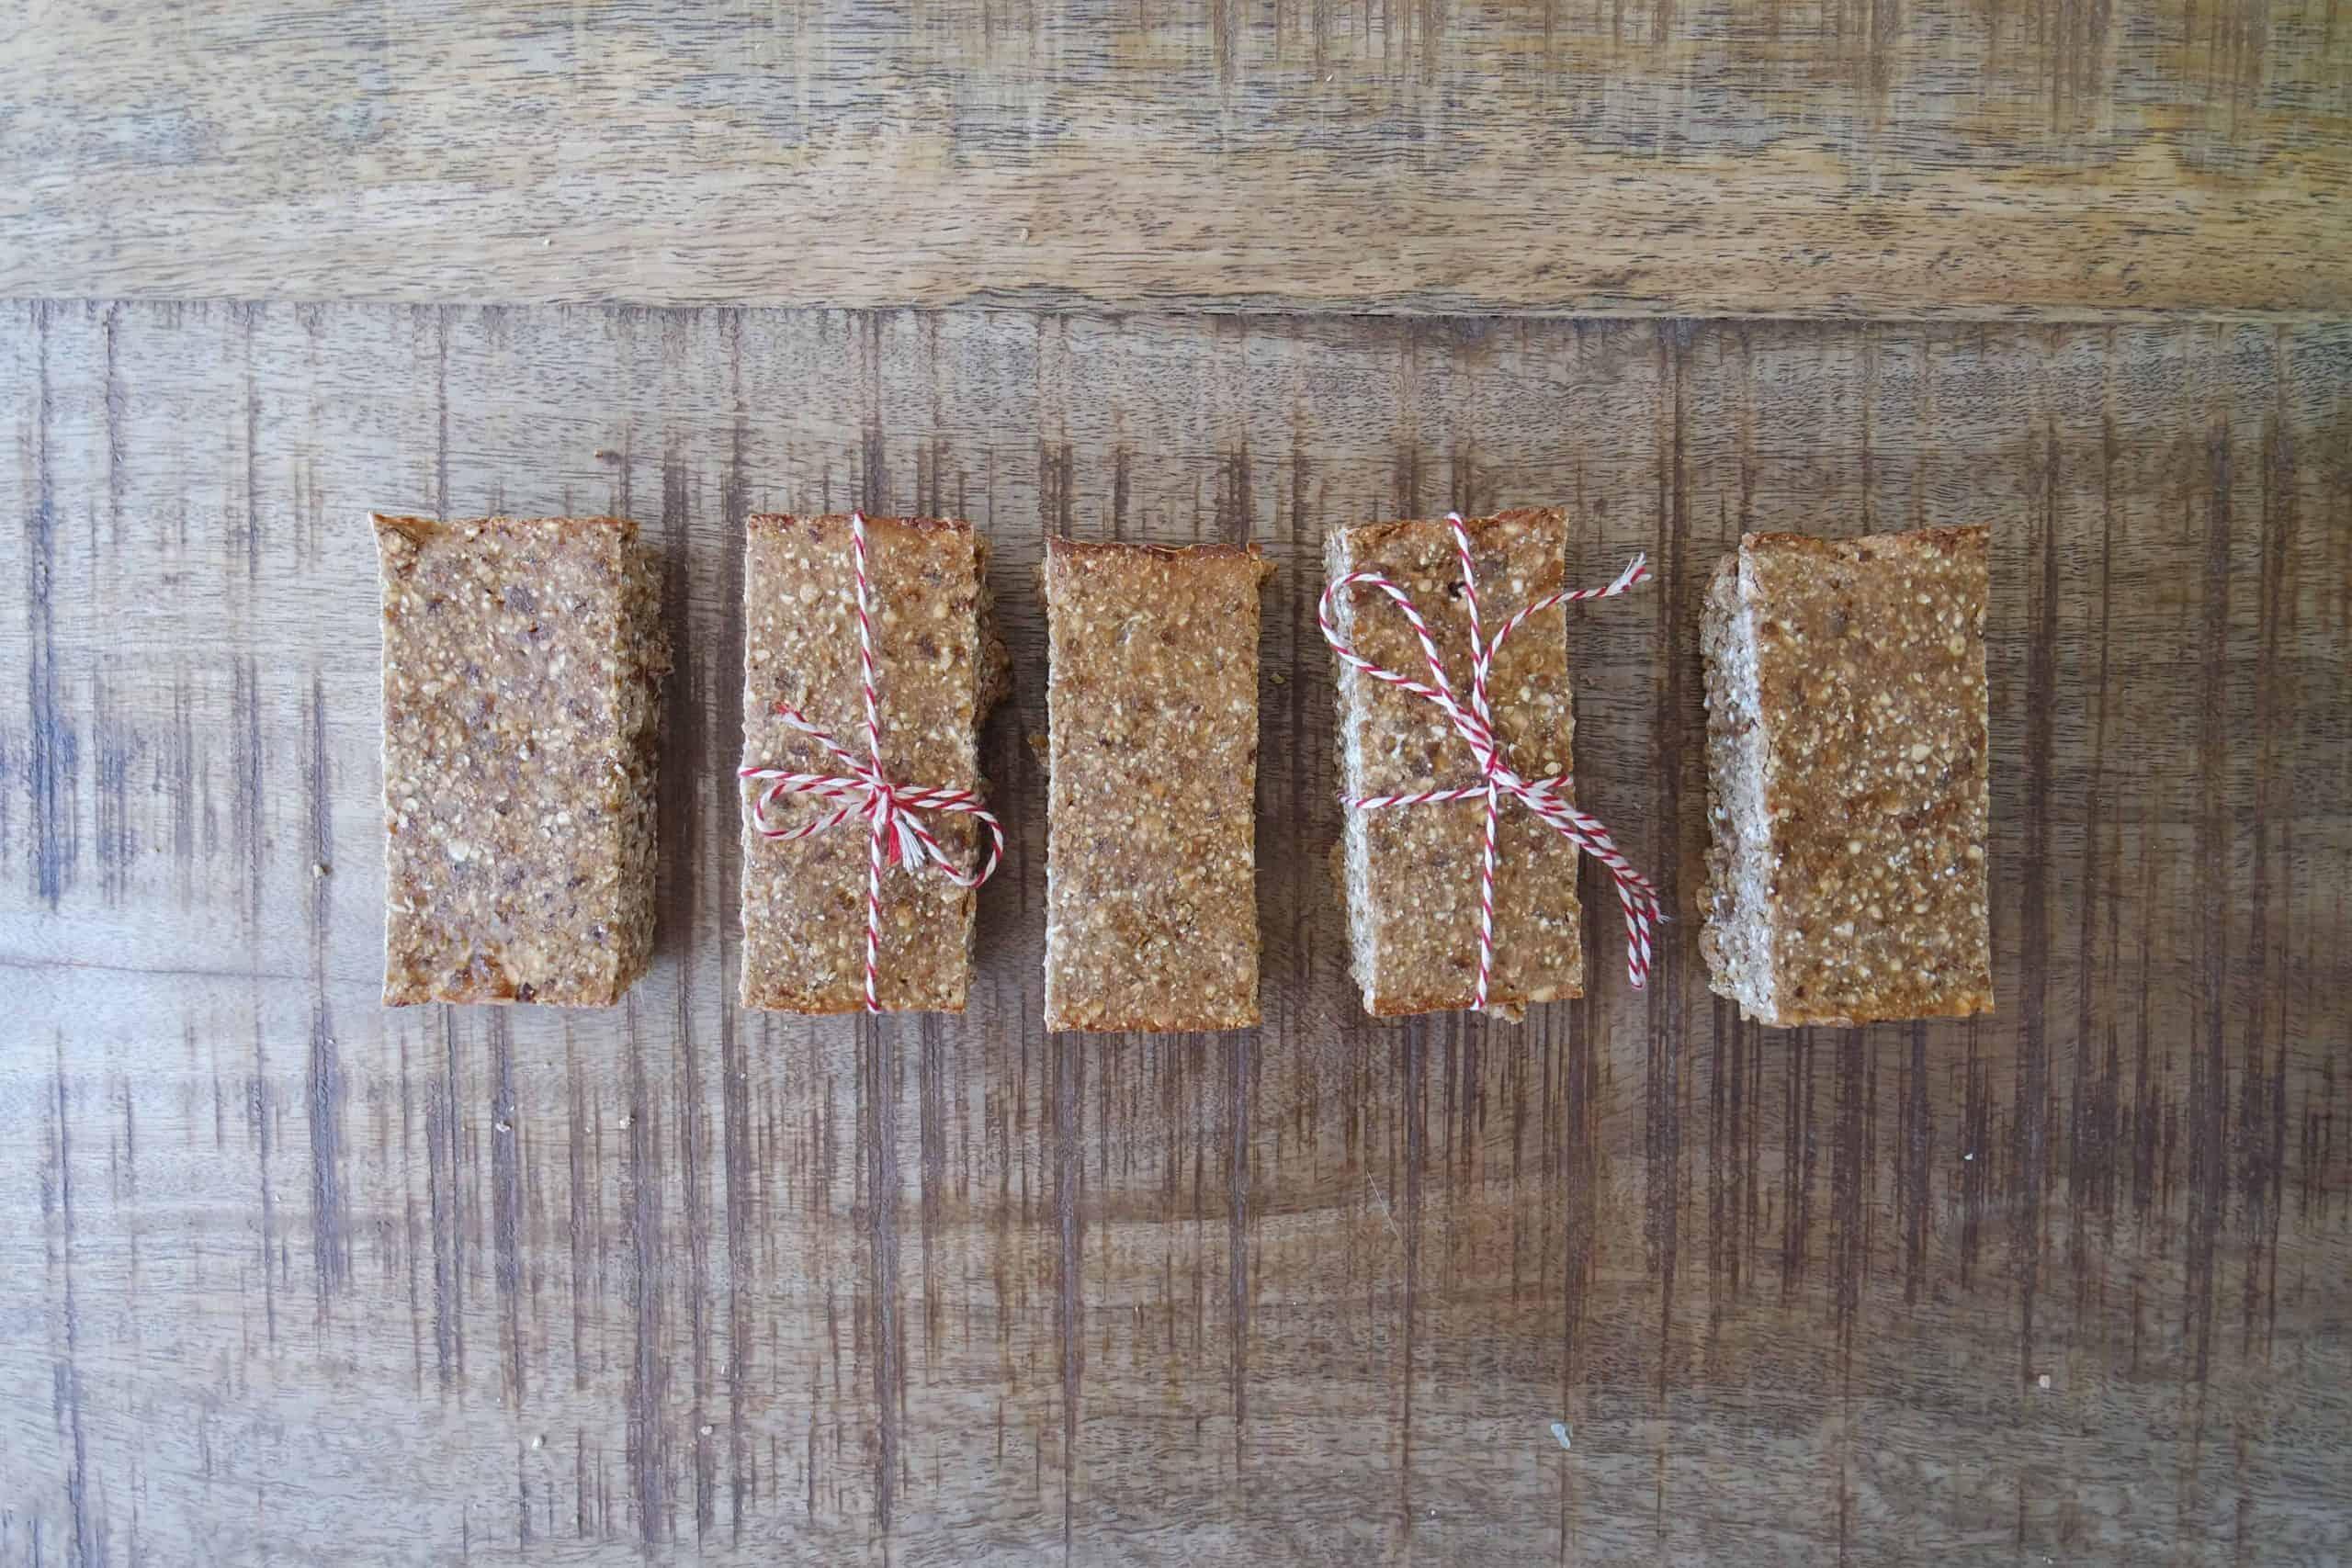 muesli-protein bars